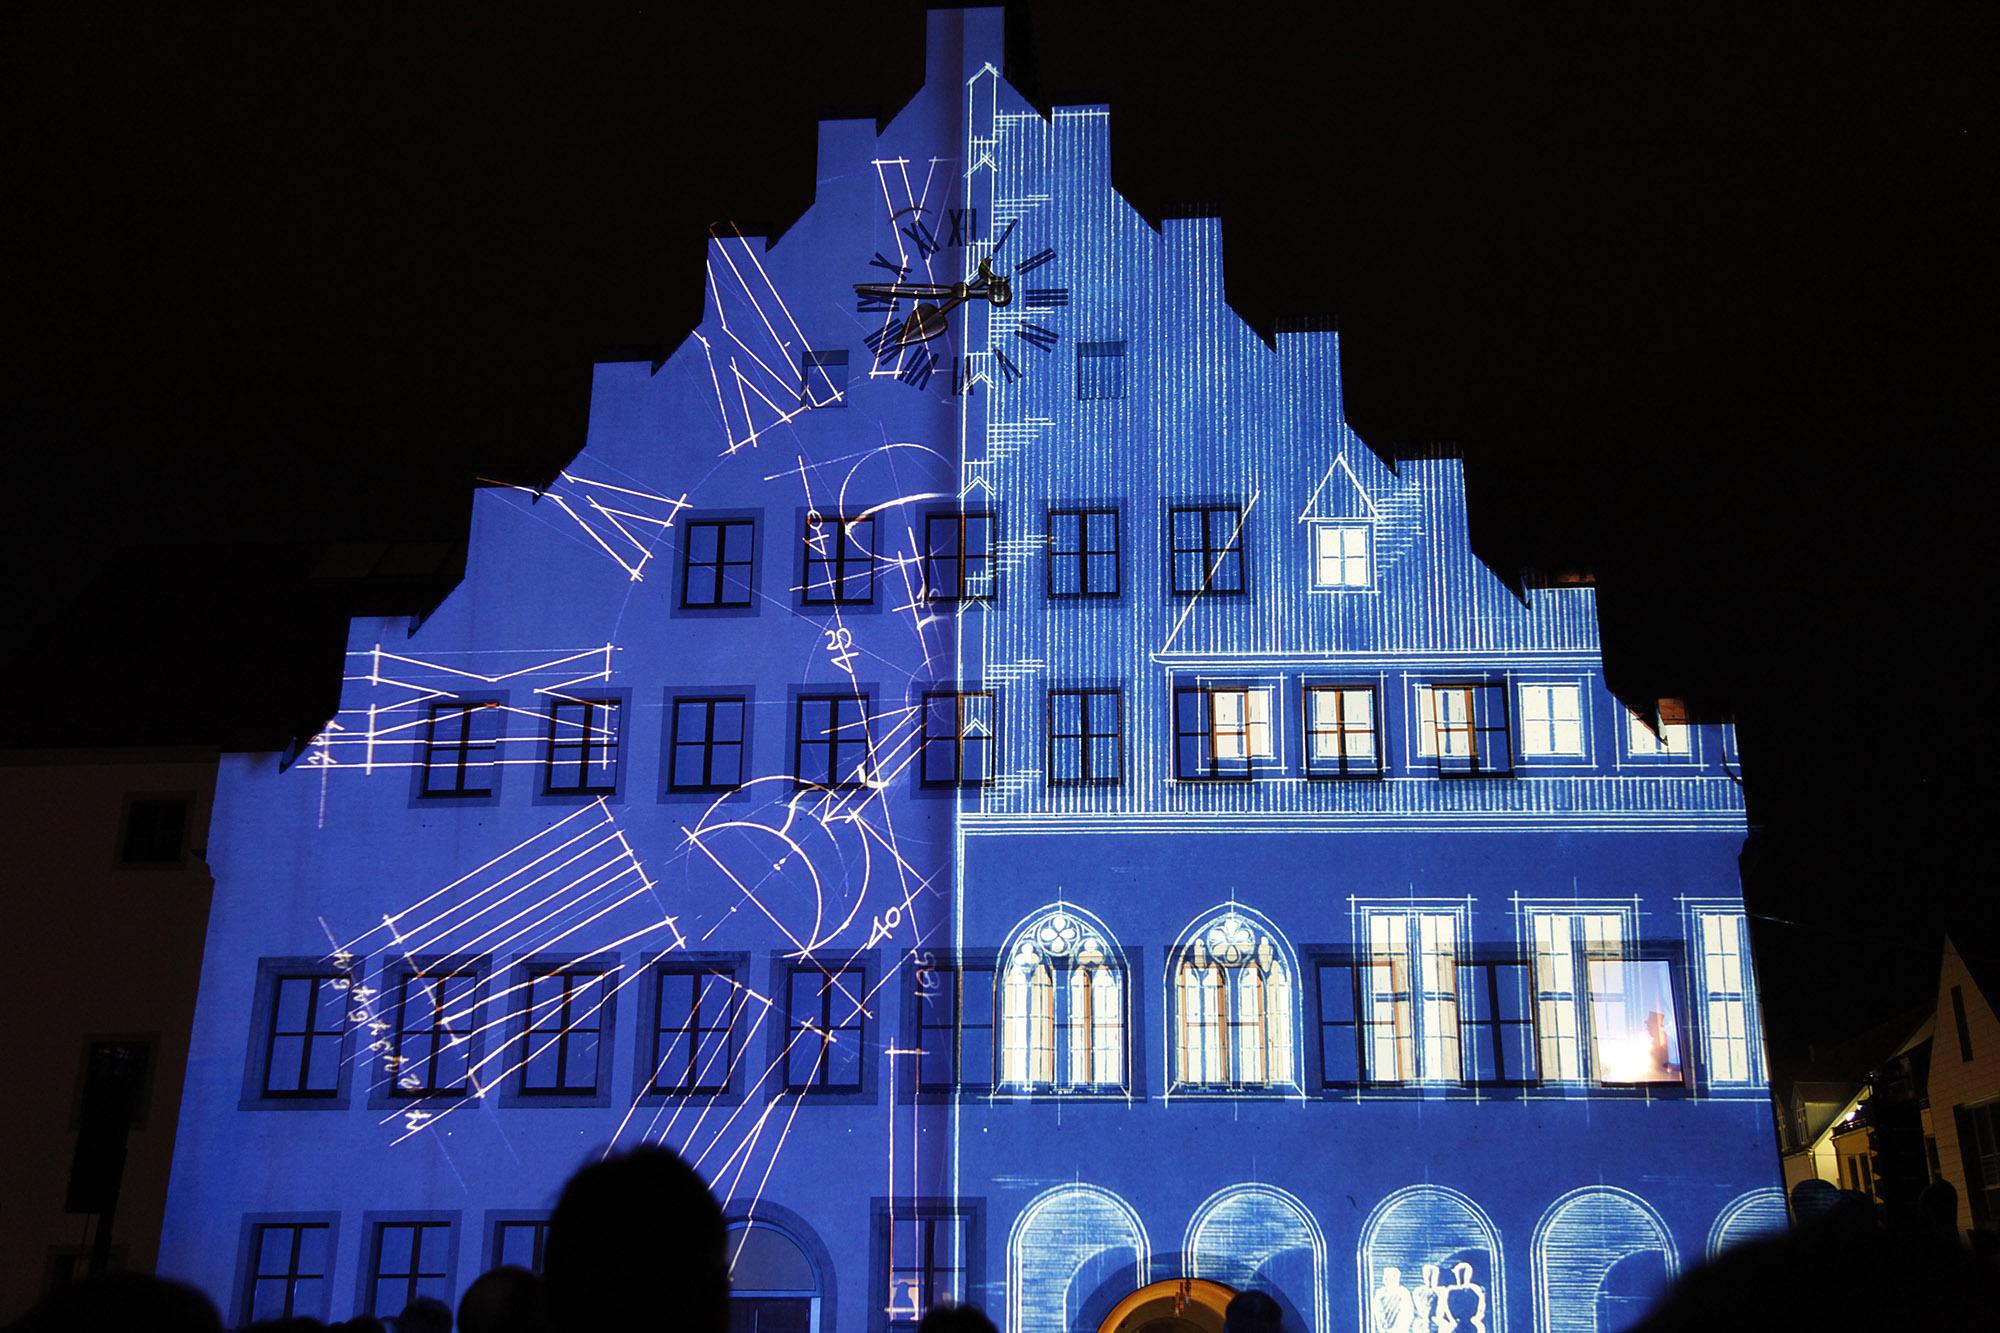 850JahreNeumarkt_Stadtgeschichte_2010_20.jpg